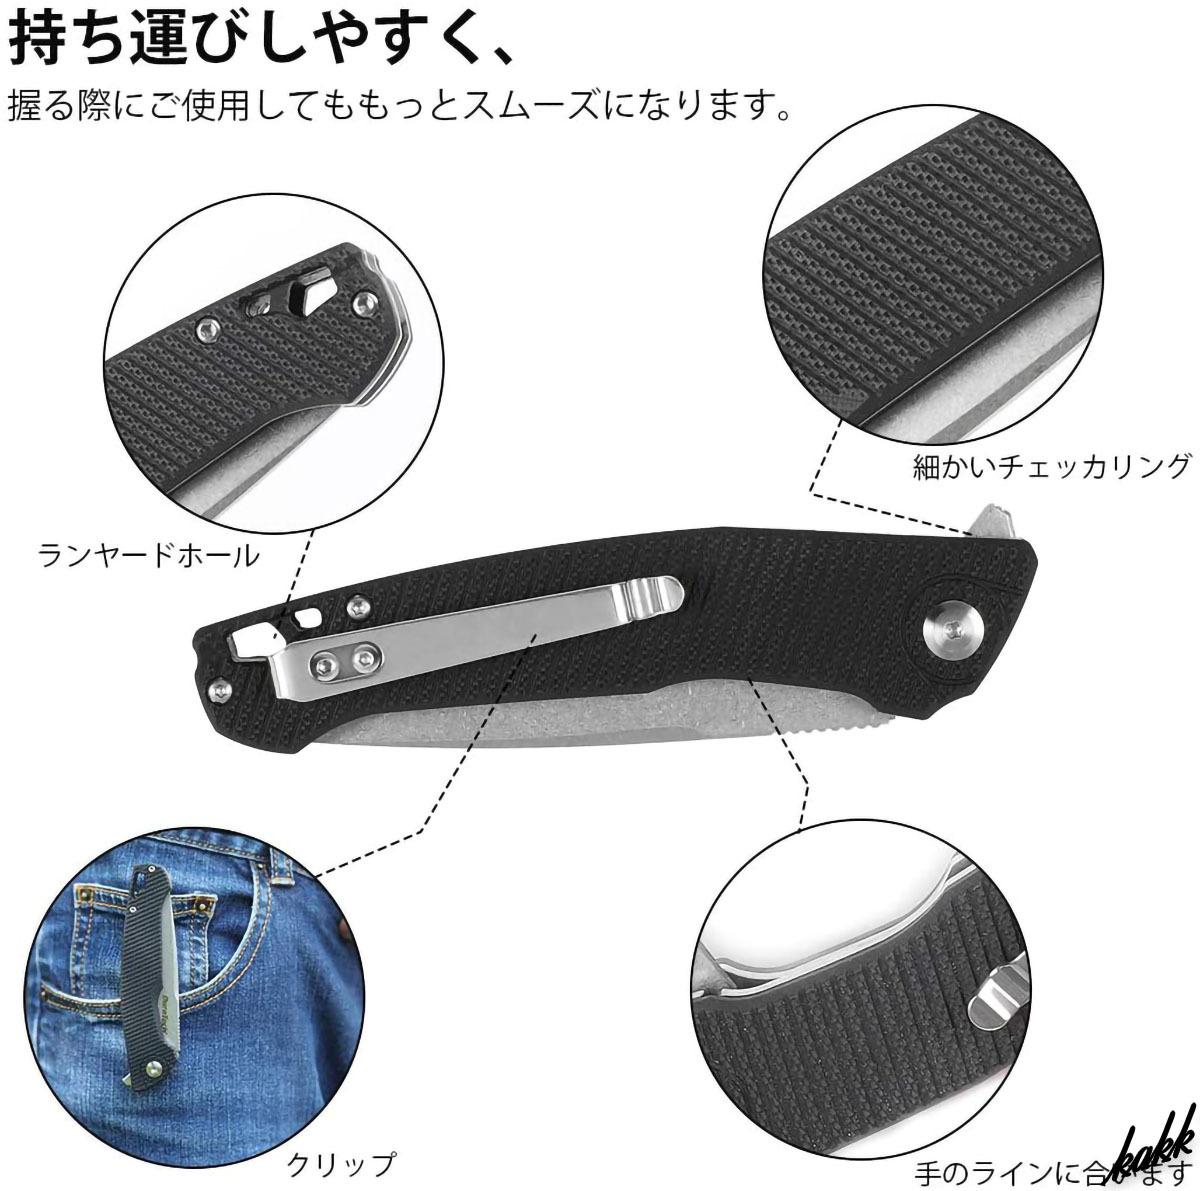 【高硬度フォールディングナイフ】 折りたたみナイフ G10ハンドル ステンレス鋼 ライナーロック ランヤードホール キャンプ アウトドア